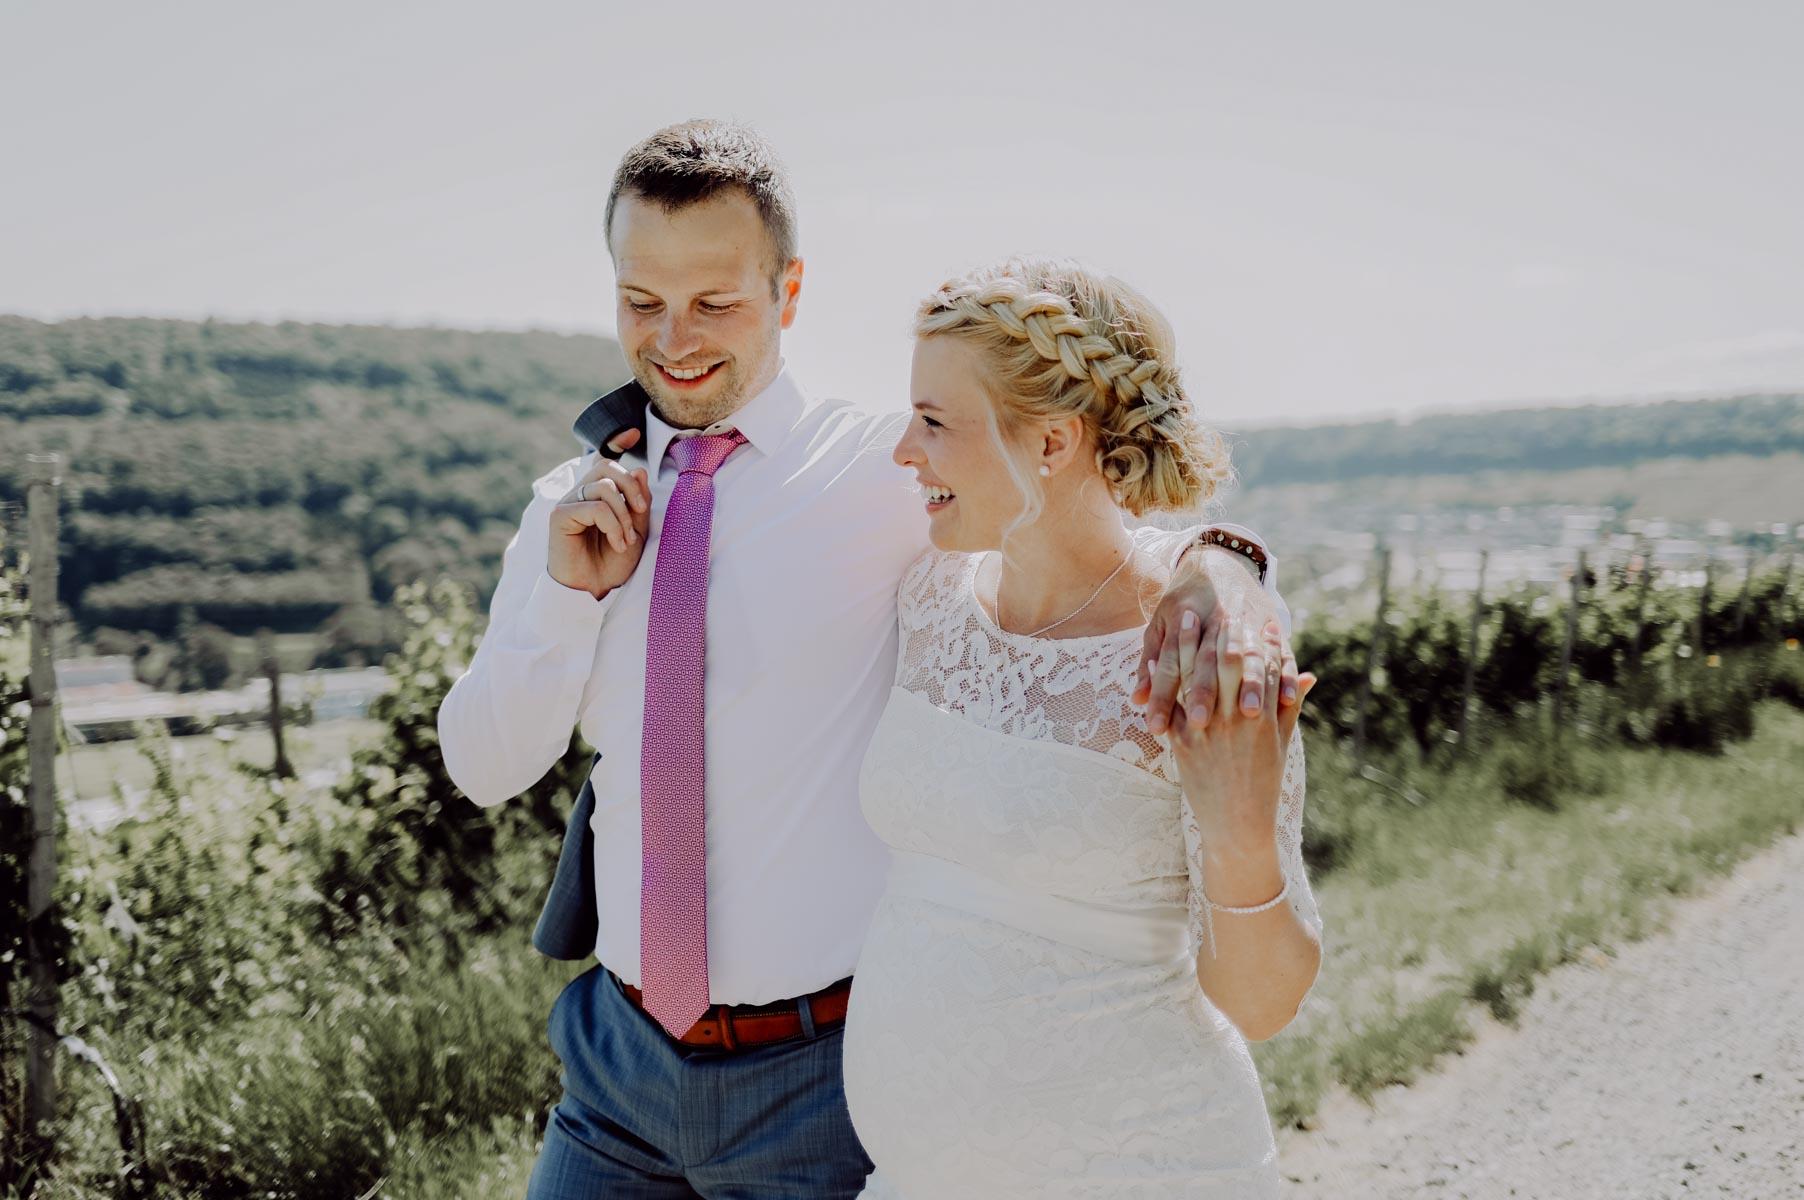 Paar spaziert in den Weinbergen